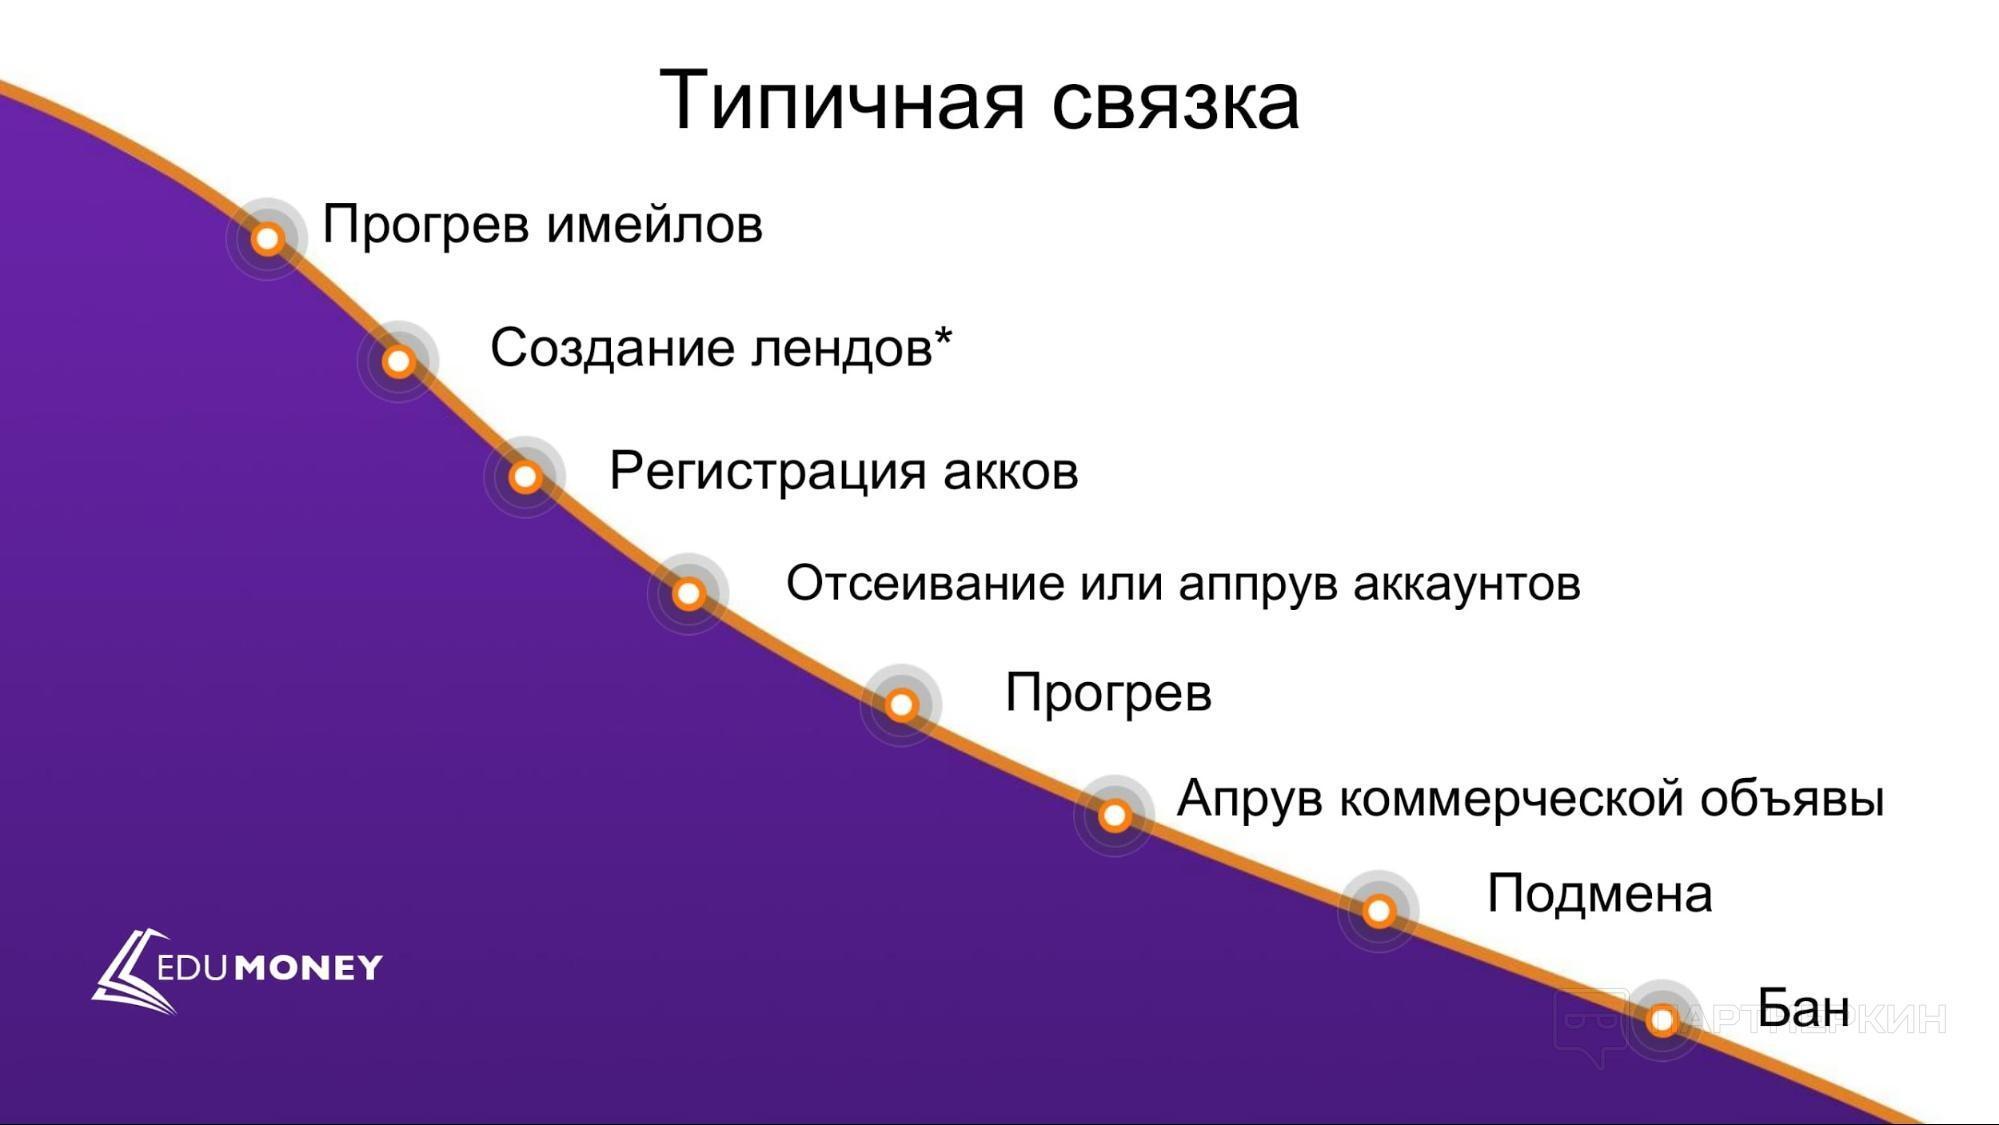 file_1553505037.jpg